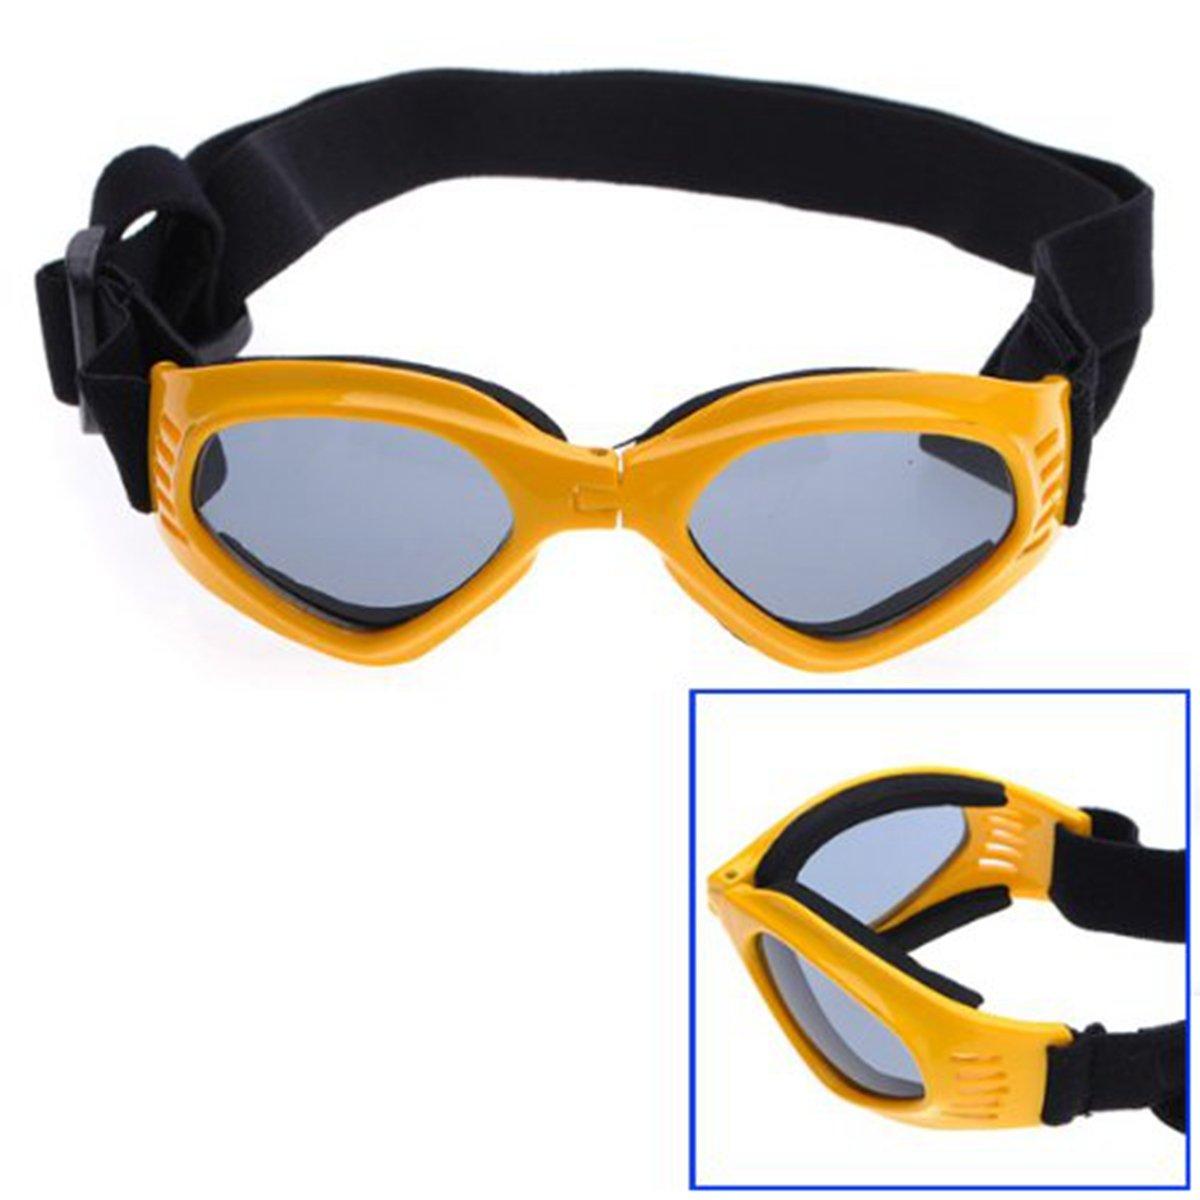 Homeking Gafas de Sol Protección UV Azules para Perros/Mascotas En Color Amarillo: Amazon.es: Hogar